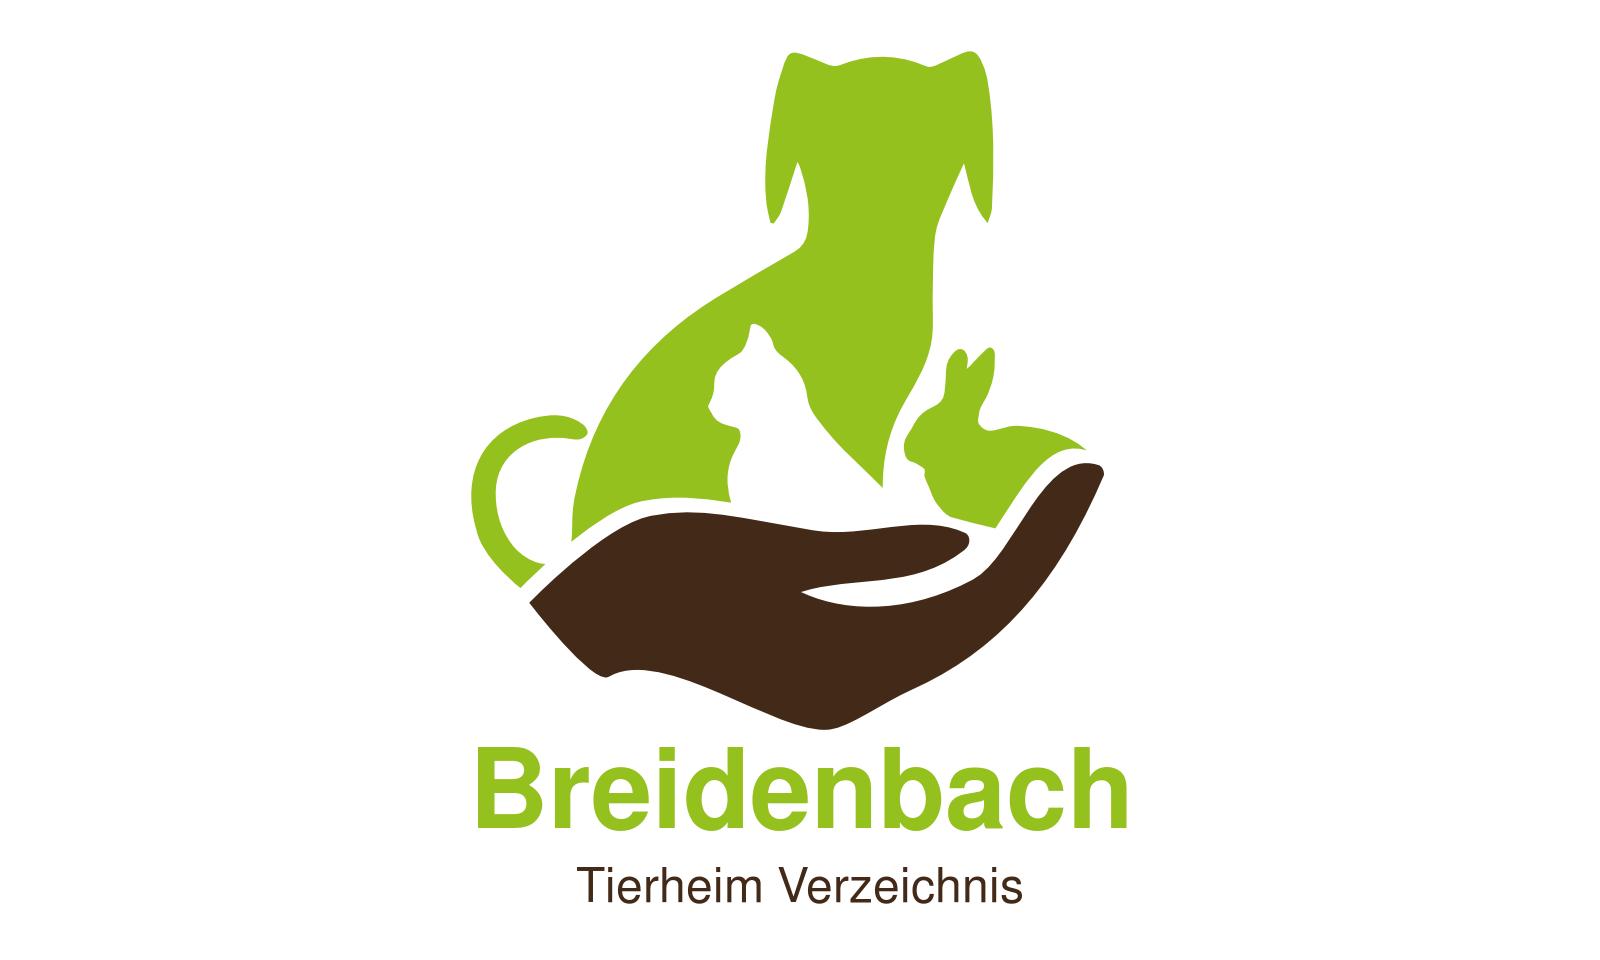 Tierheim Breidenbach